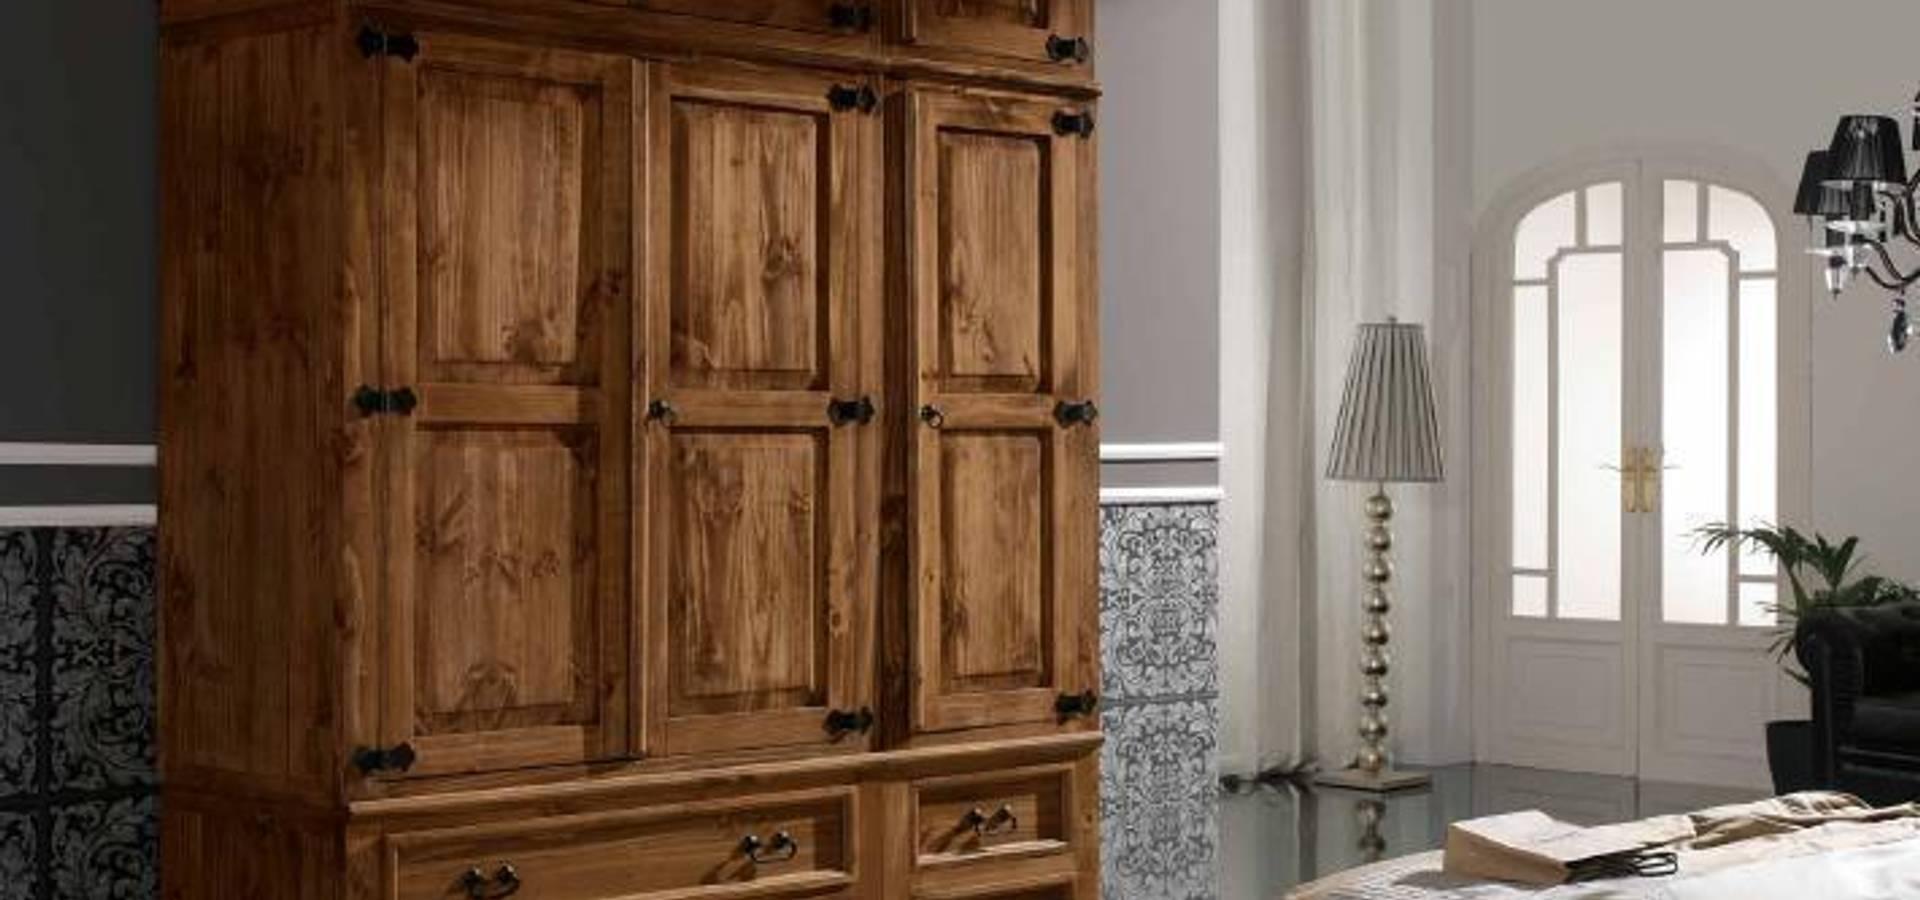 Armario r stico en madera maciza de silarte muebles for Como hacer herrajes rusticos